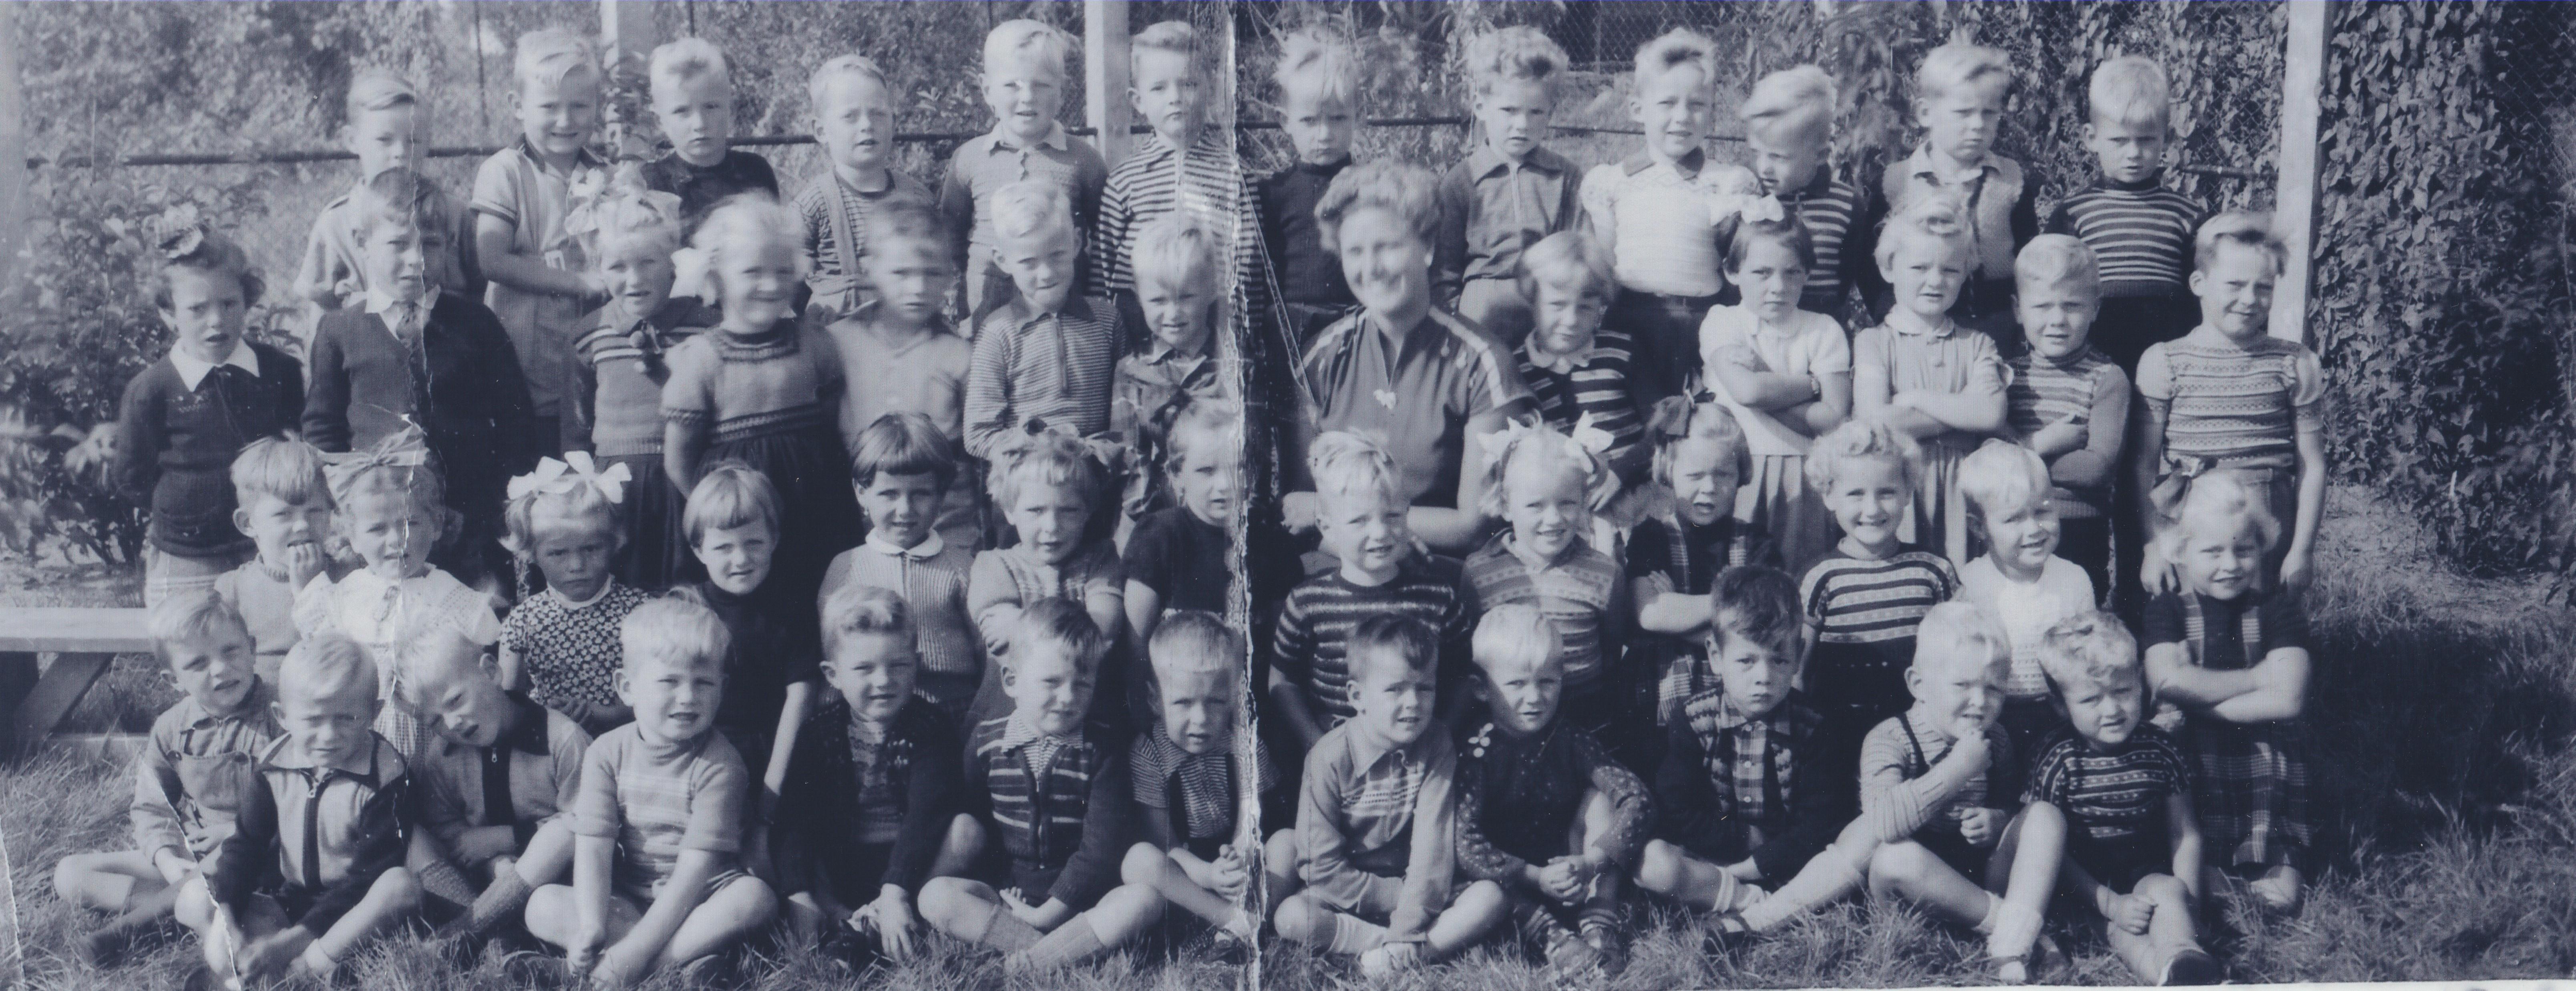 Deze foto uit het archief van de Historische Kring Heemskerk toont de kinderen van kleuterschool St. Bernadette uit het jaar 1957. (Foto: Aangeleverd)